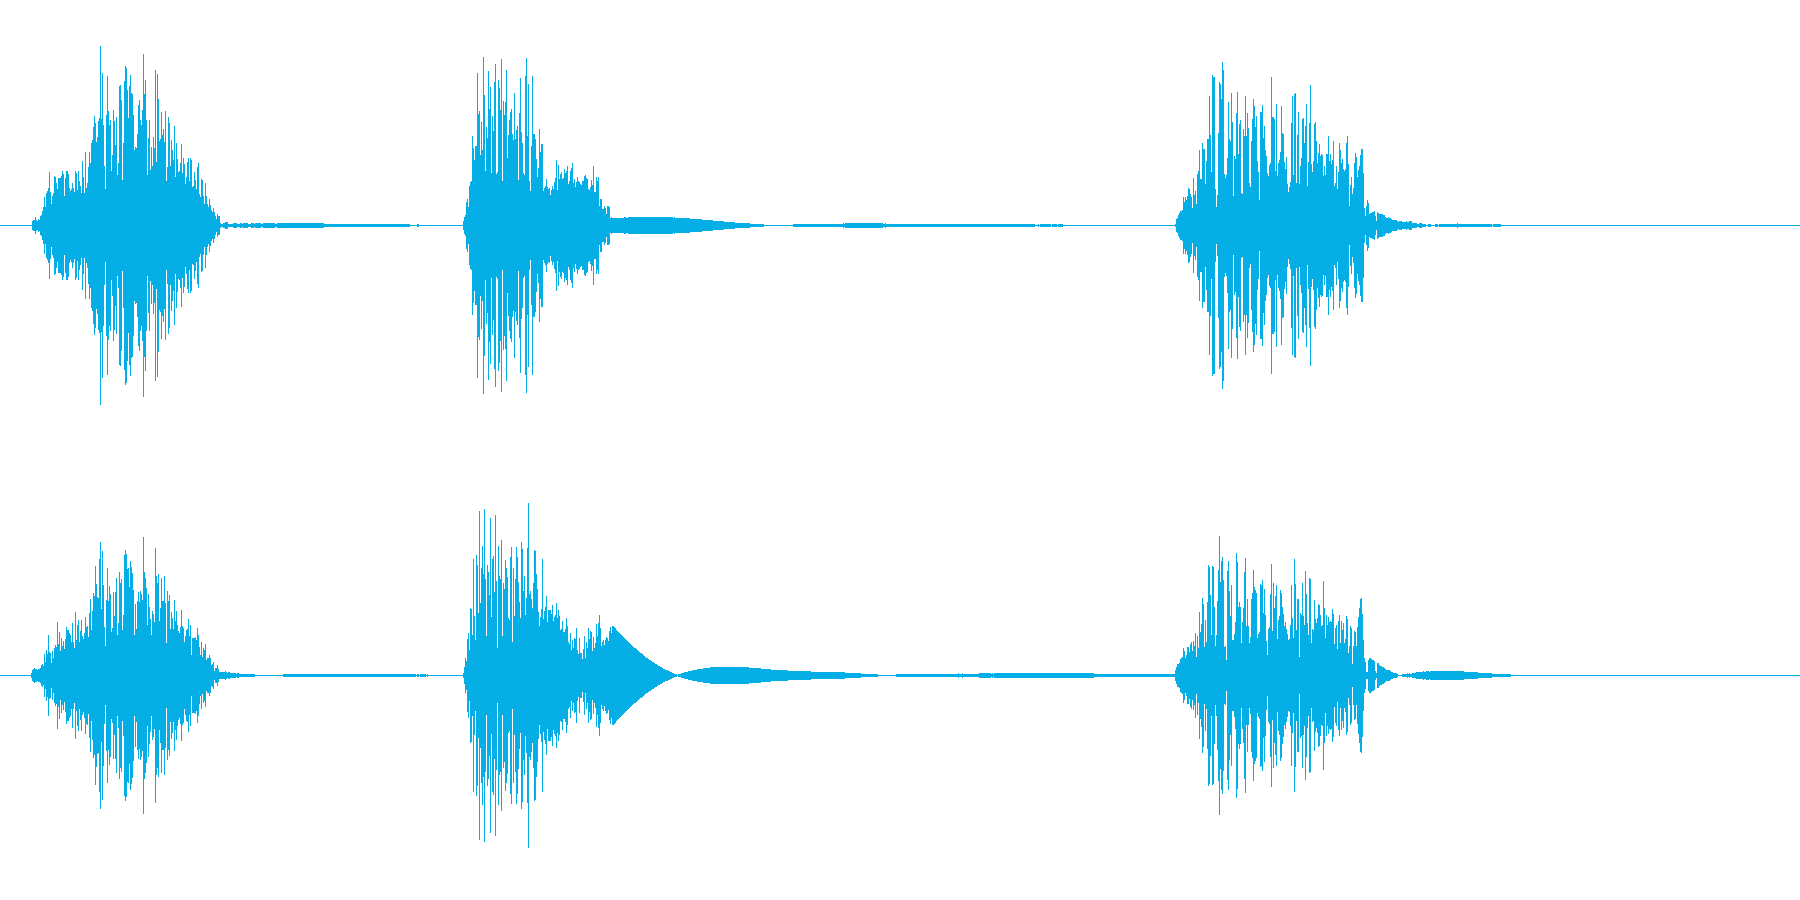 ちょびっと(ロボットや機械の発音)の再生済みの波形